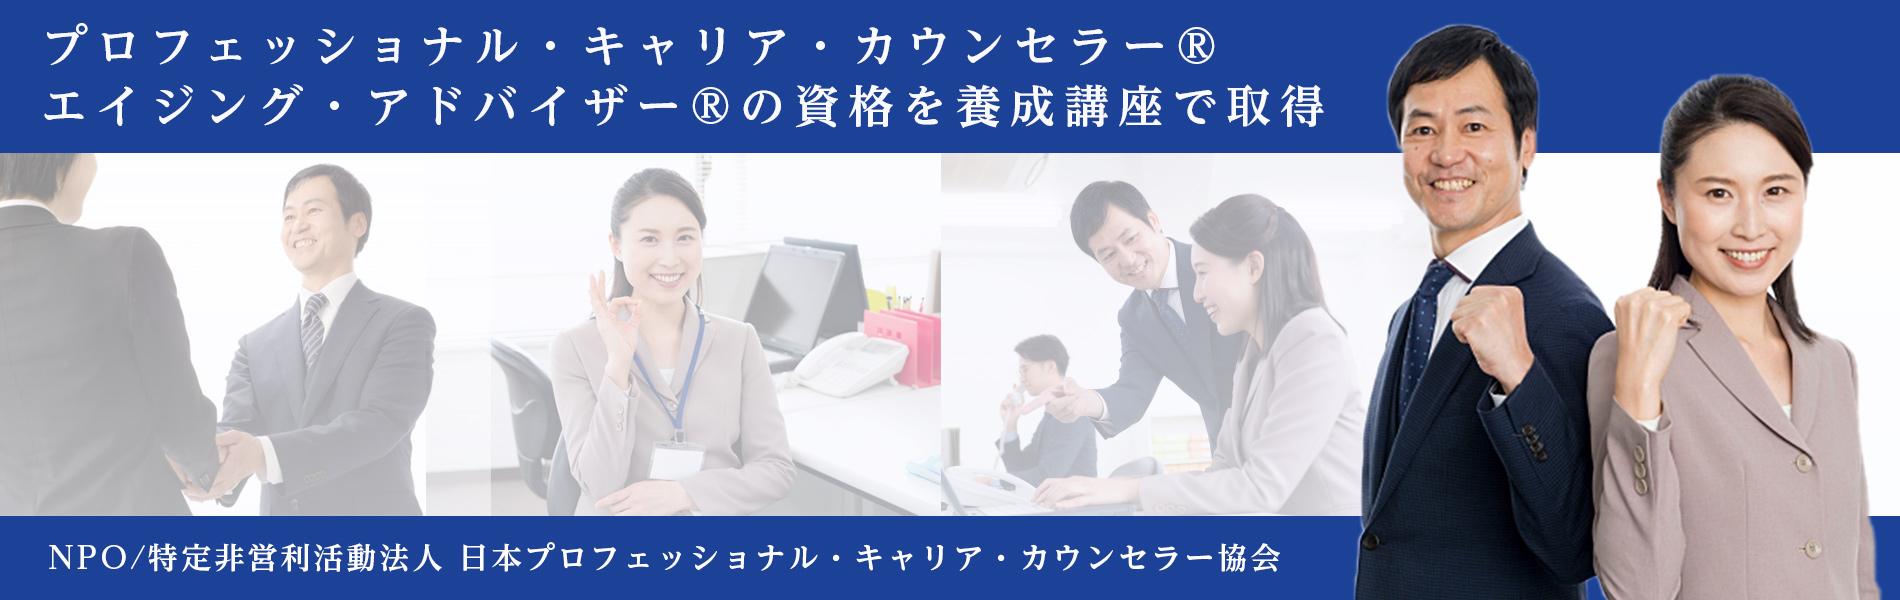 プロフェッショナル・キャリア・カウンセラー®/ エイジング・アドバイザー®の資格を養成講座で取得 NPO/特定非営利活動法人 日本プロフェッショナル・キャリア・カウンセラー協会